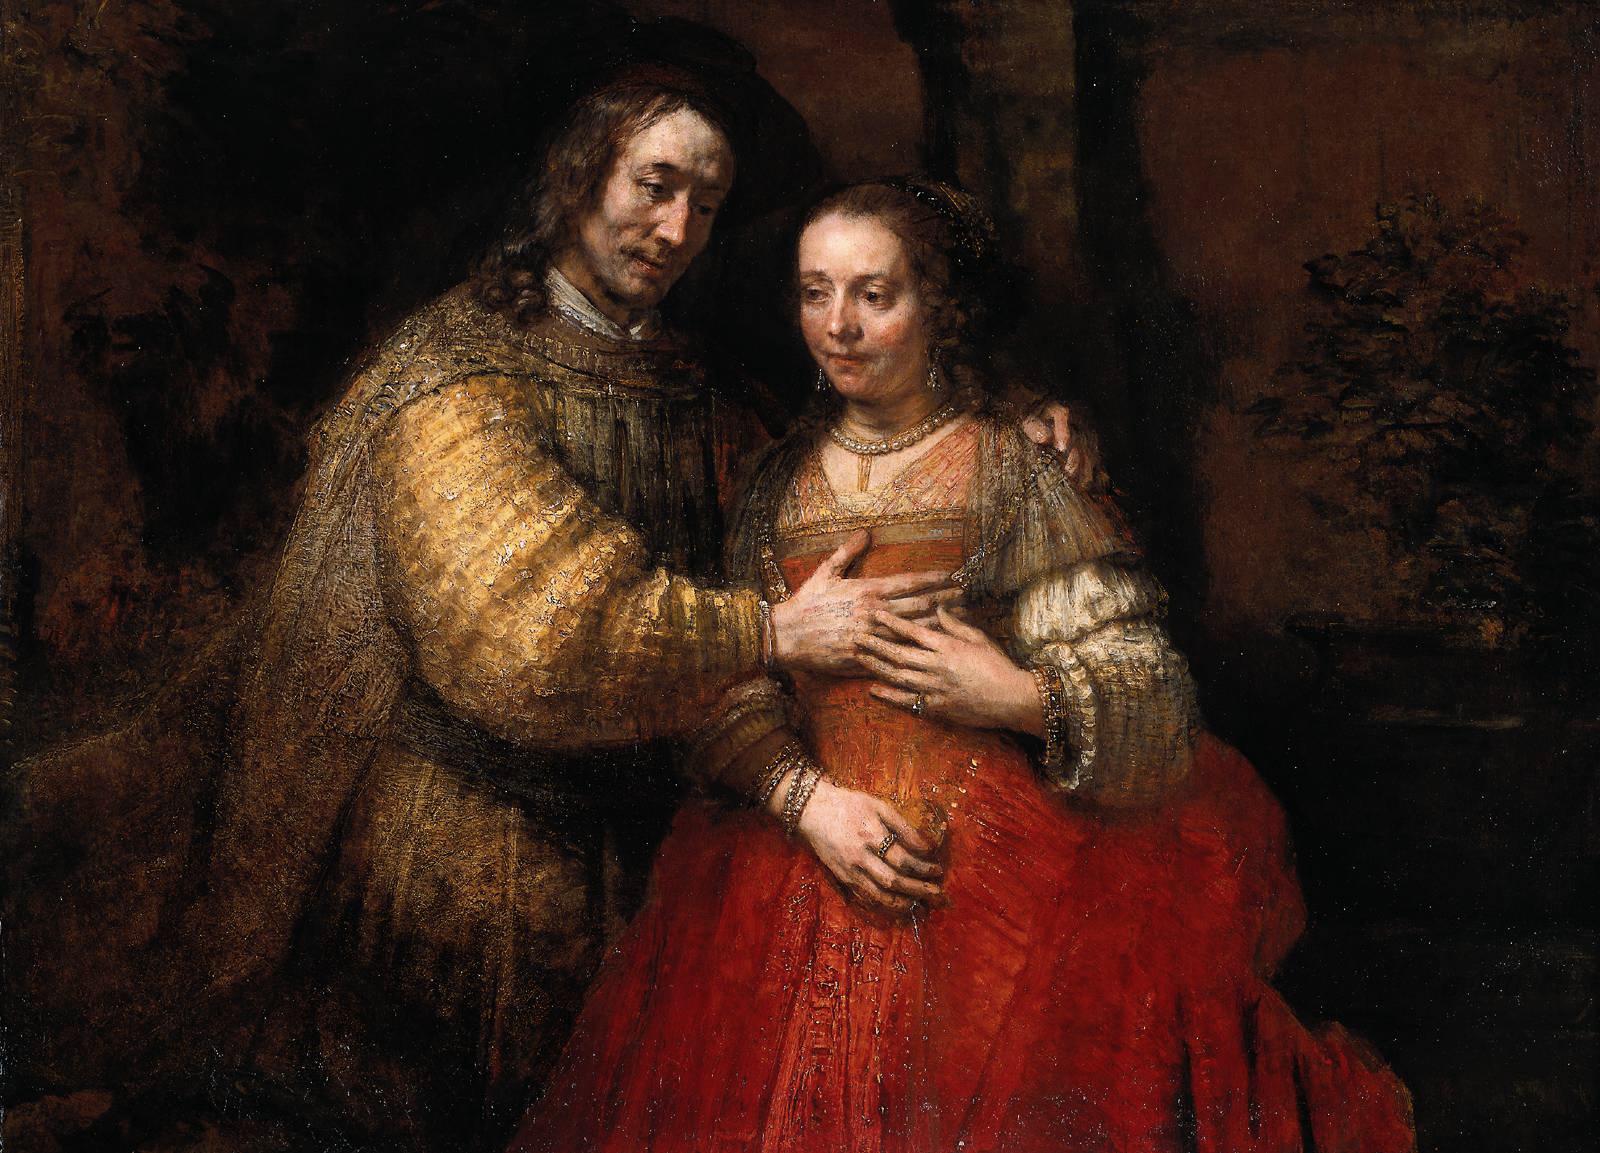 Rembrandt van Rijn: The Jewish Bride (1667)